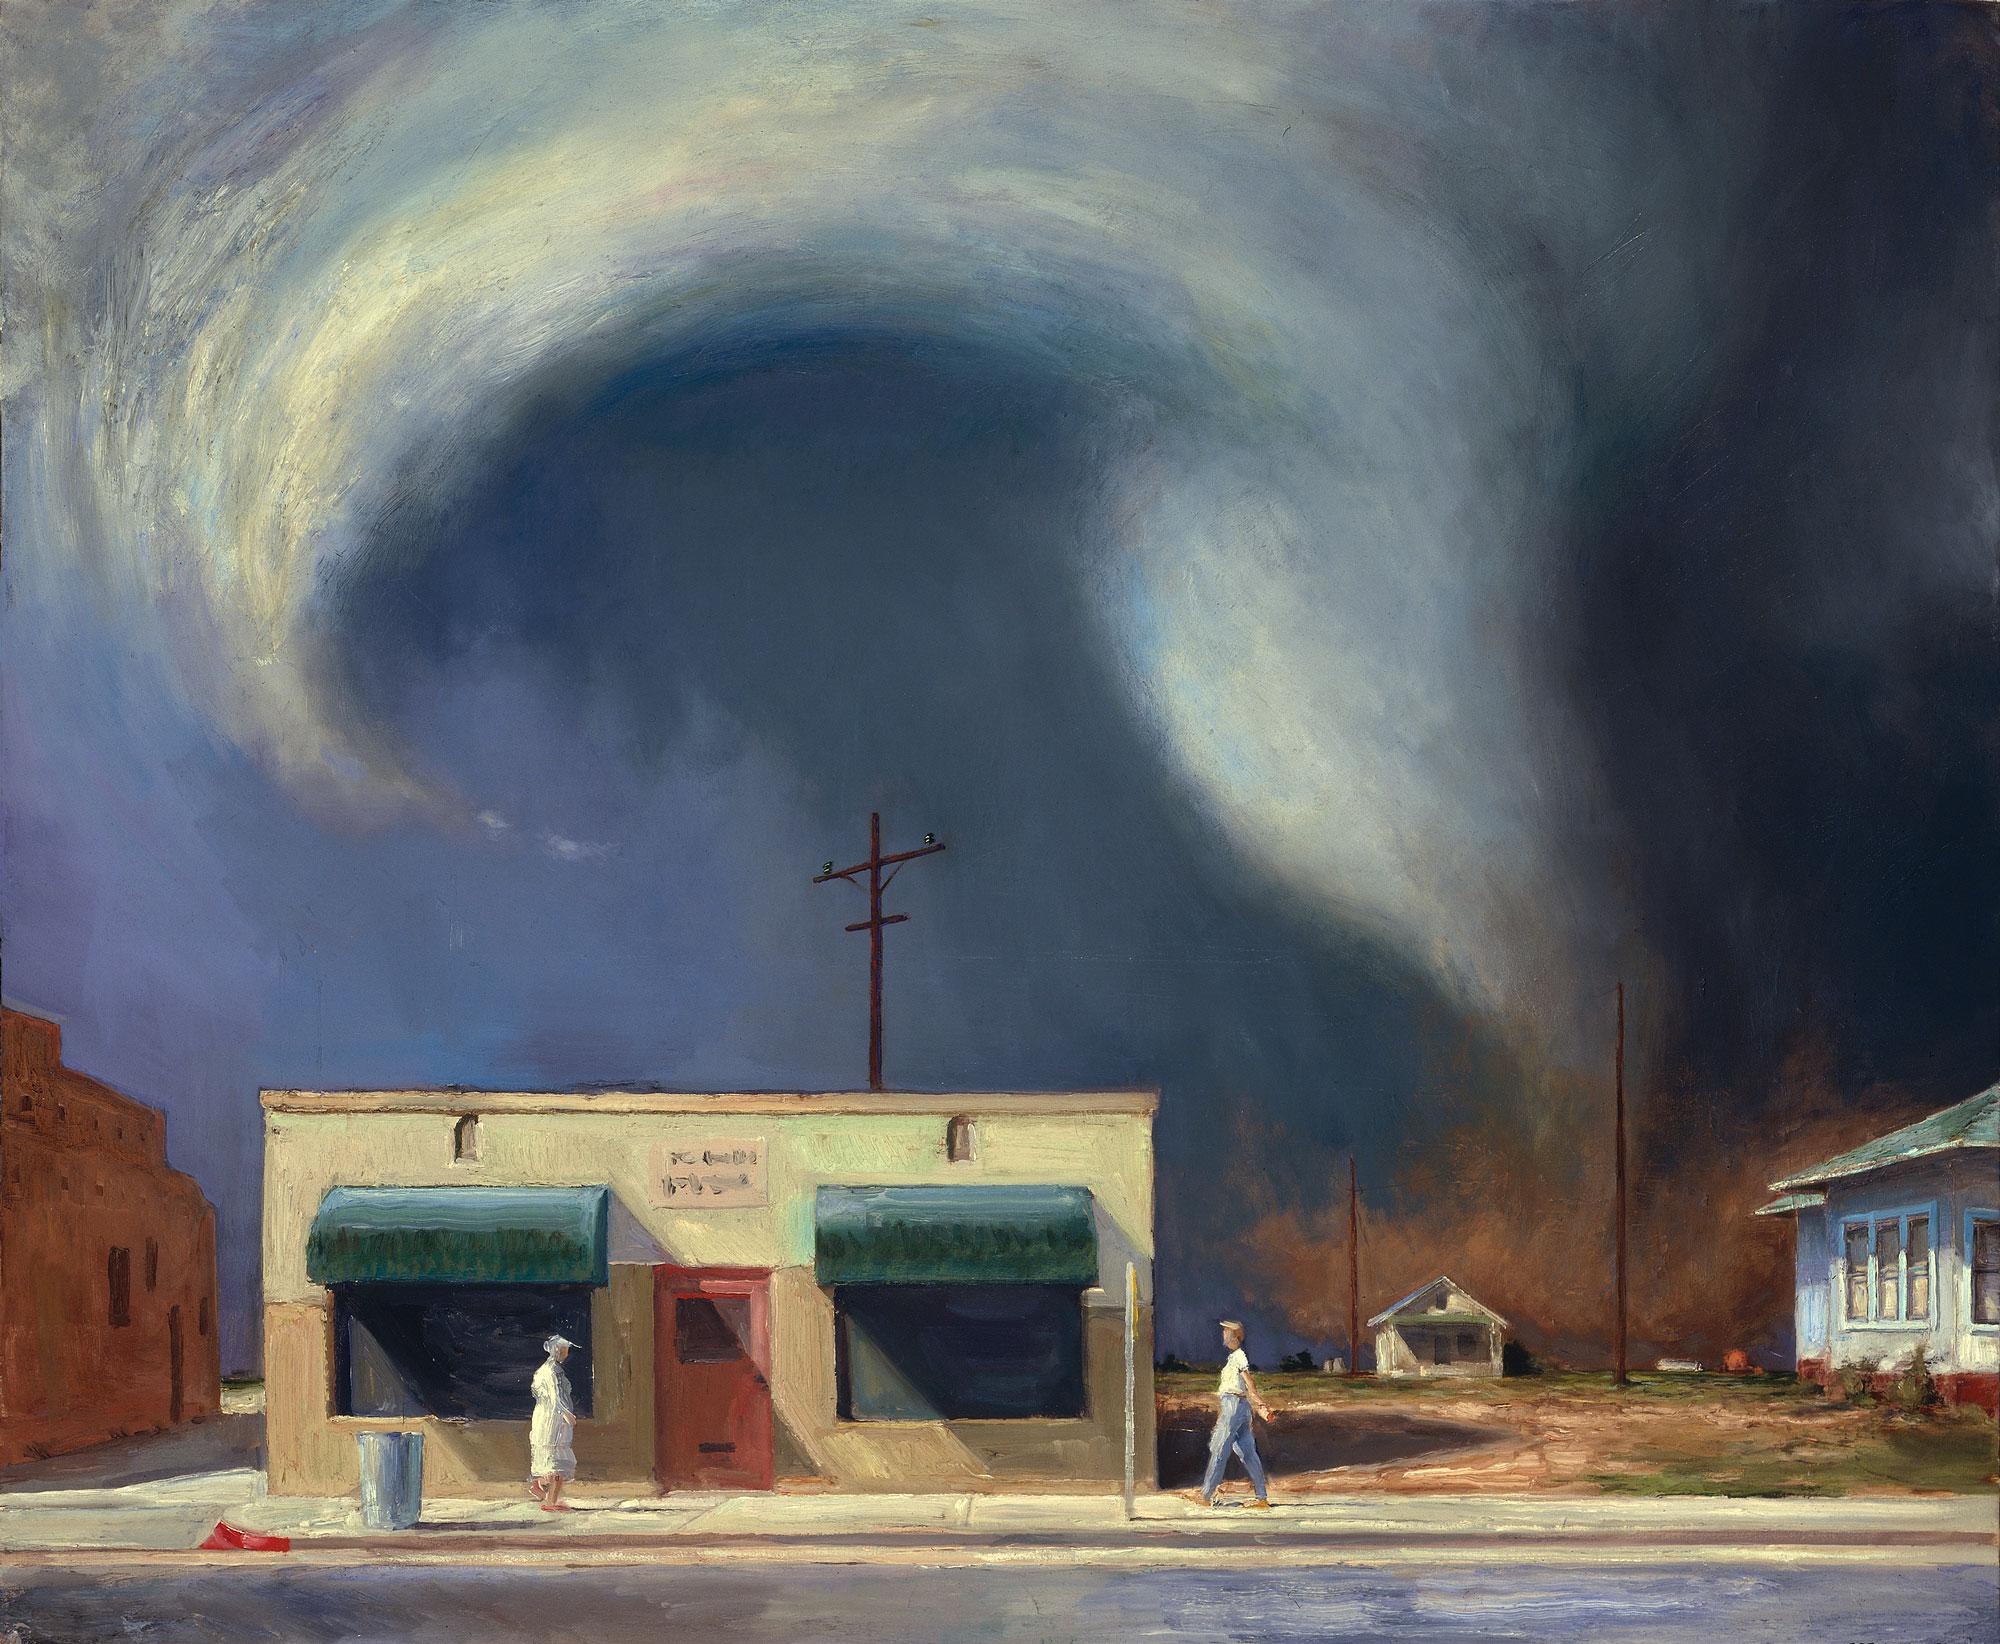 EdgeofTown2, 50x60, oil on canvas, 1998